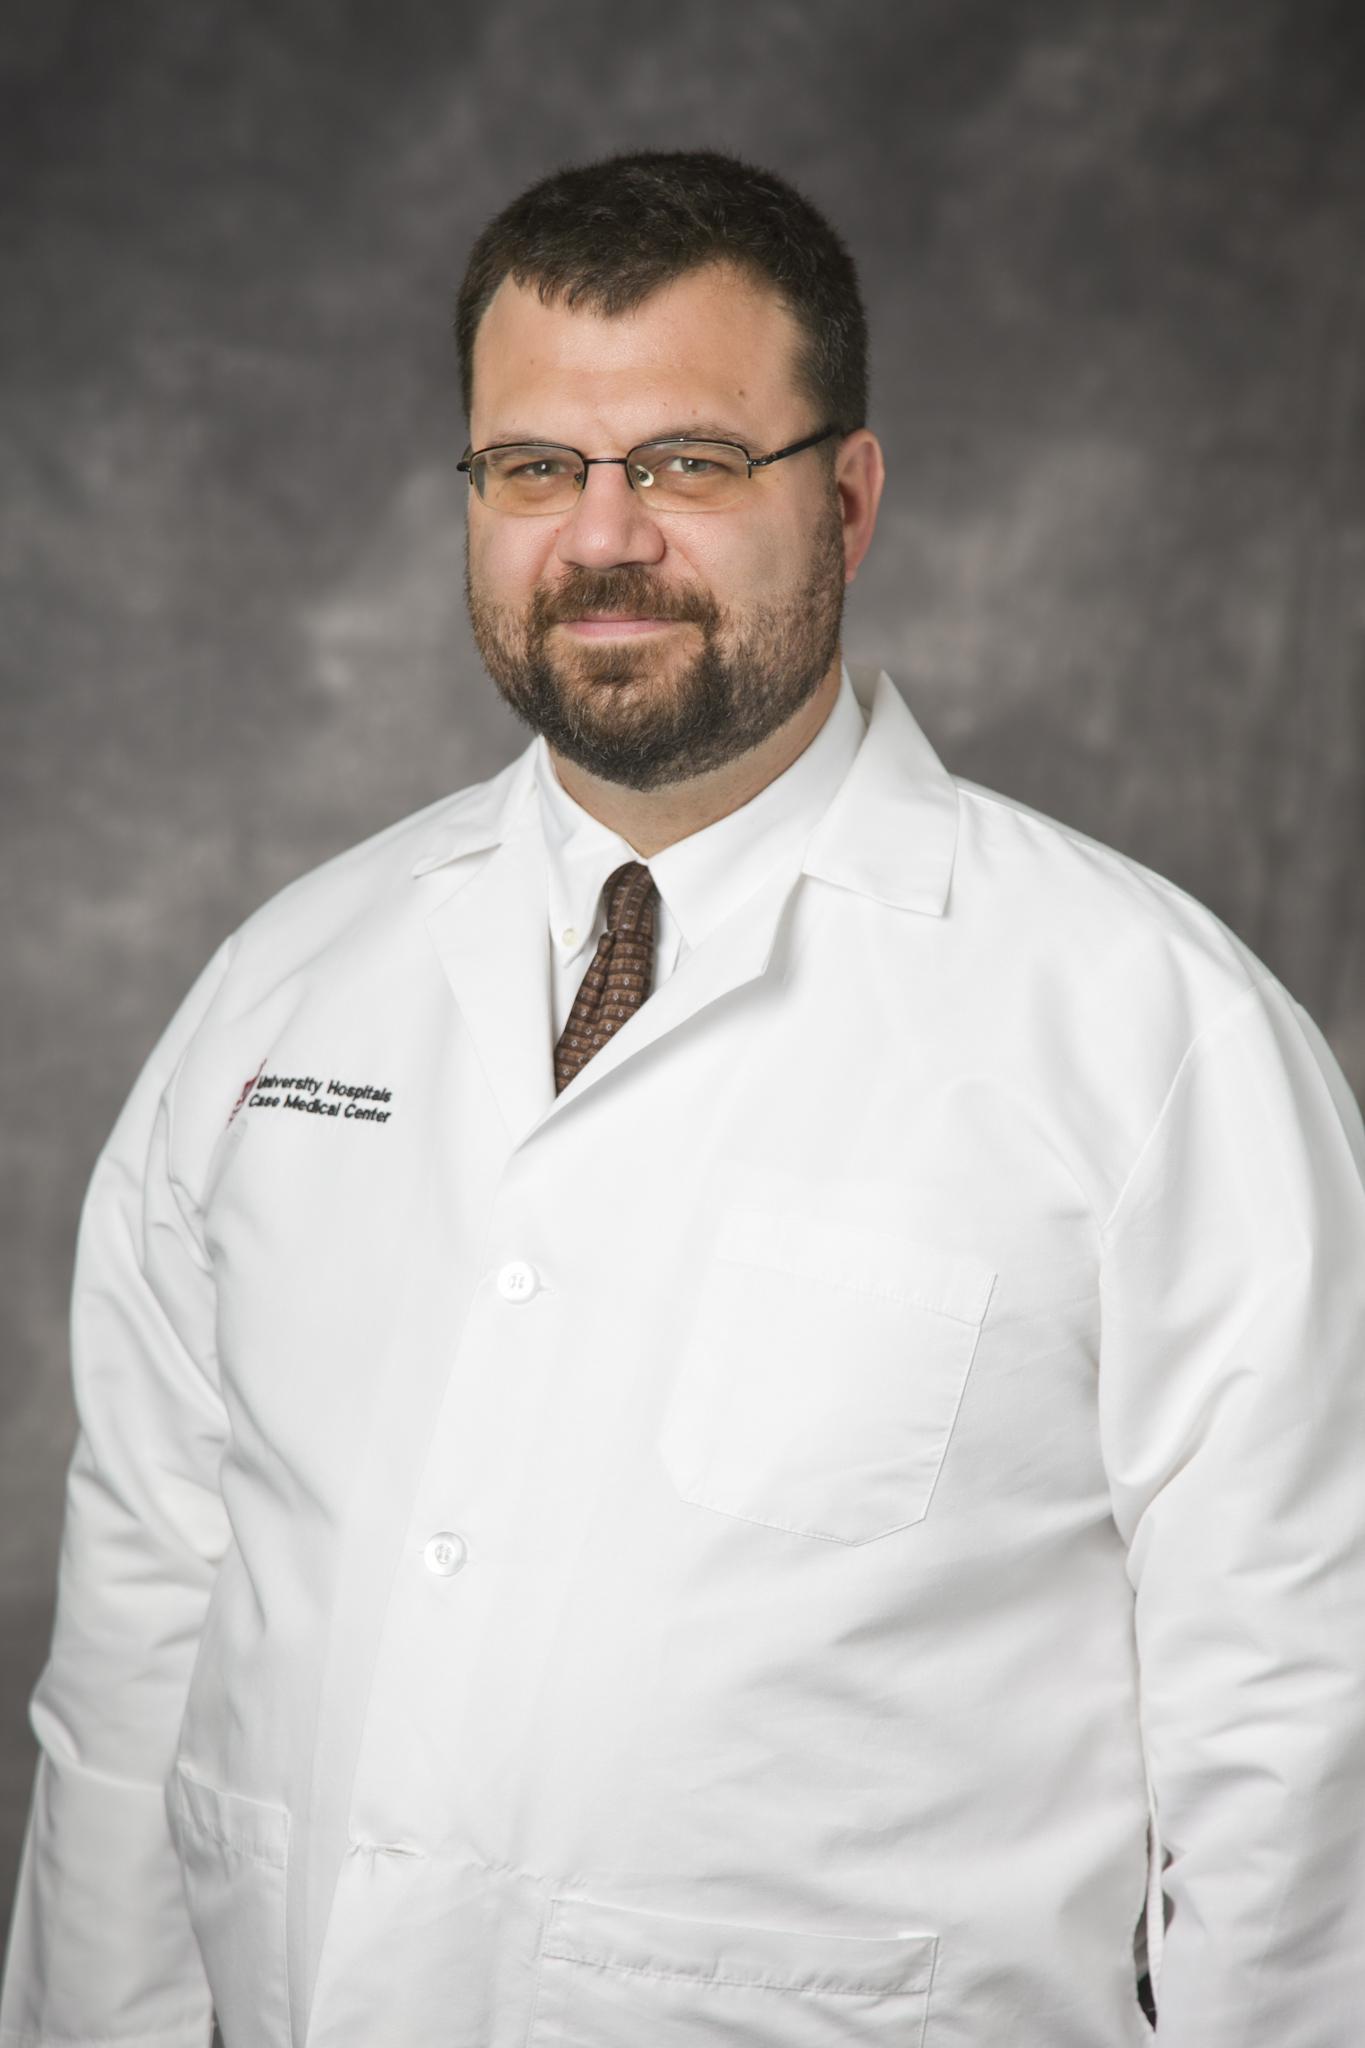 David Hackney, MD